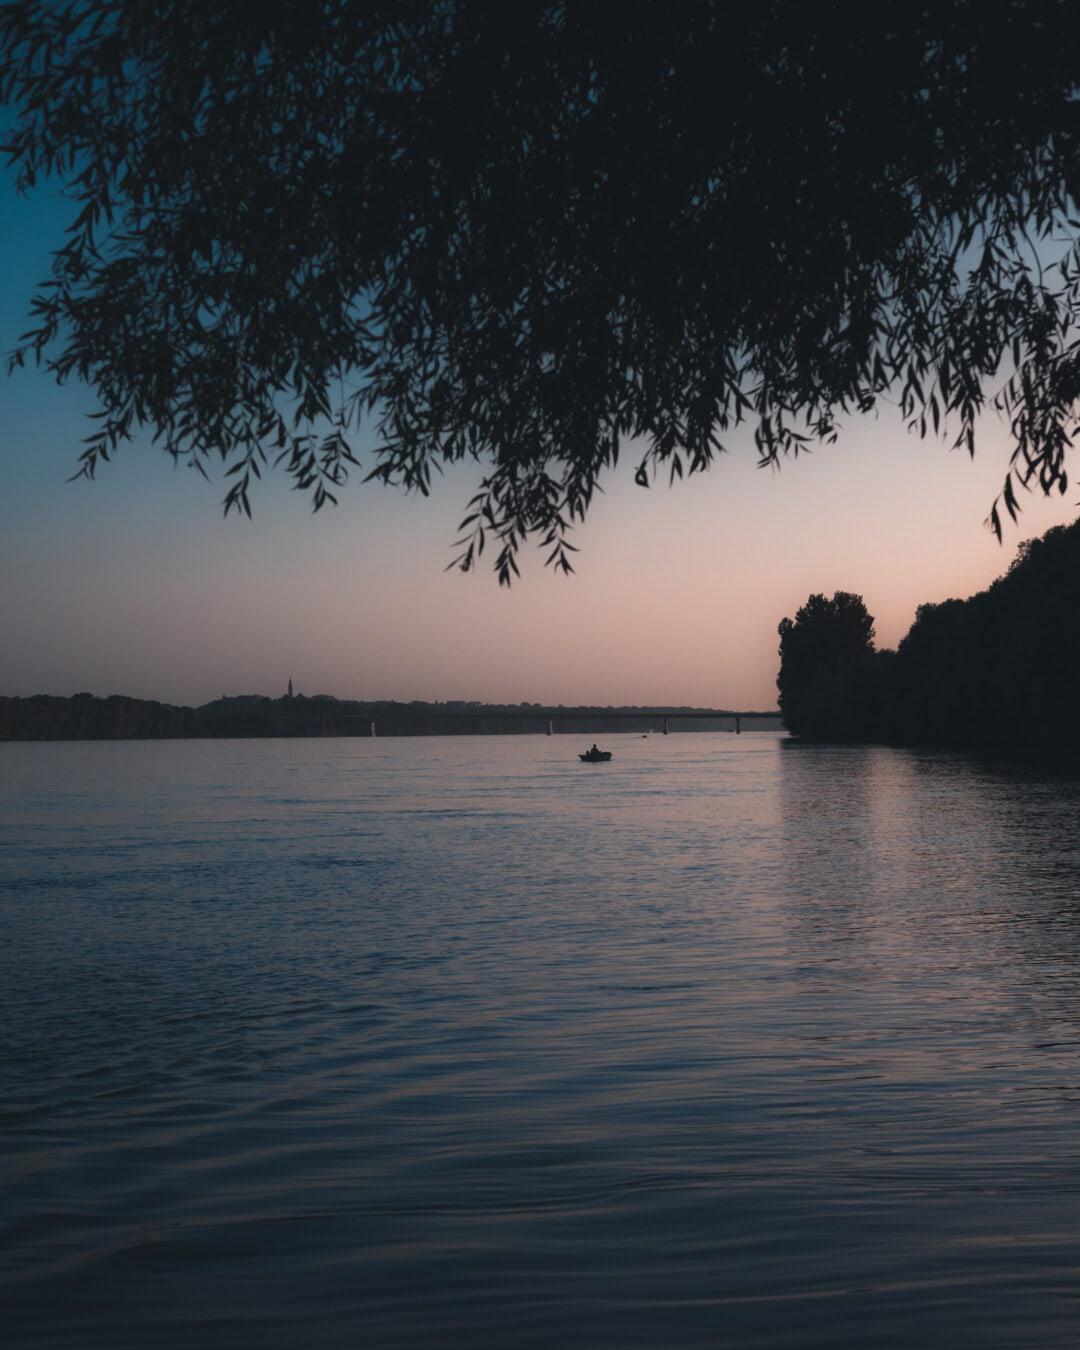 åstranden, floden, Donau flod, skymning, båt, idylliska, atmosfär, plakat, Shore, reflektion